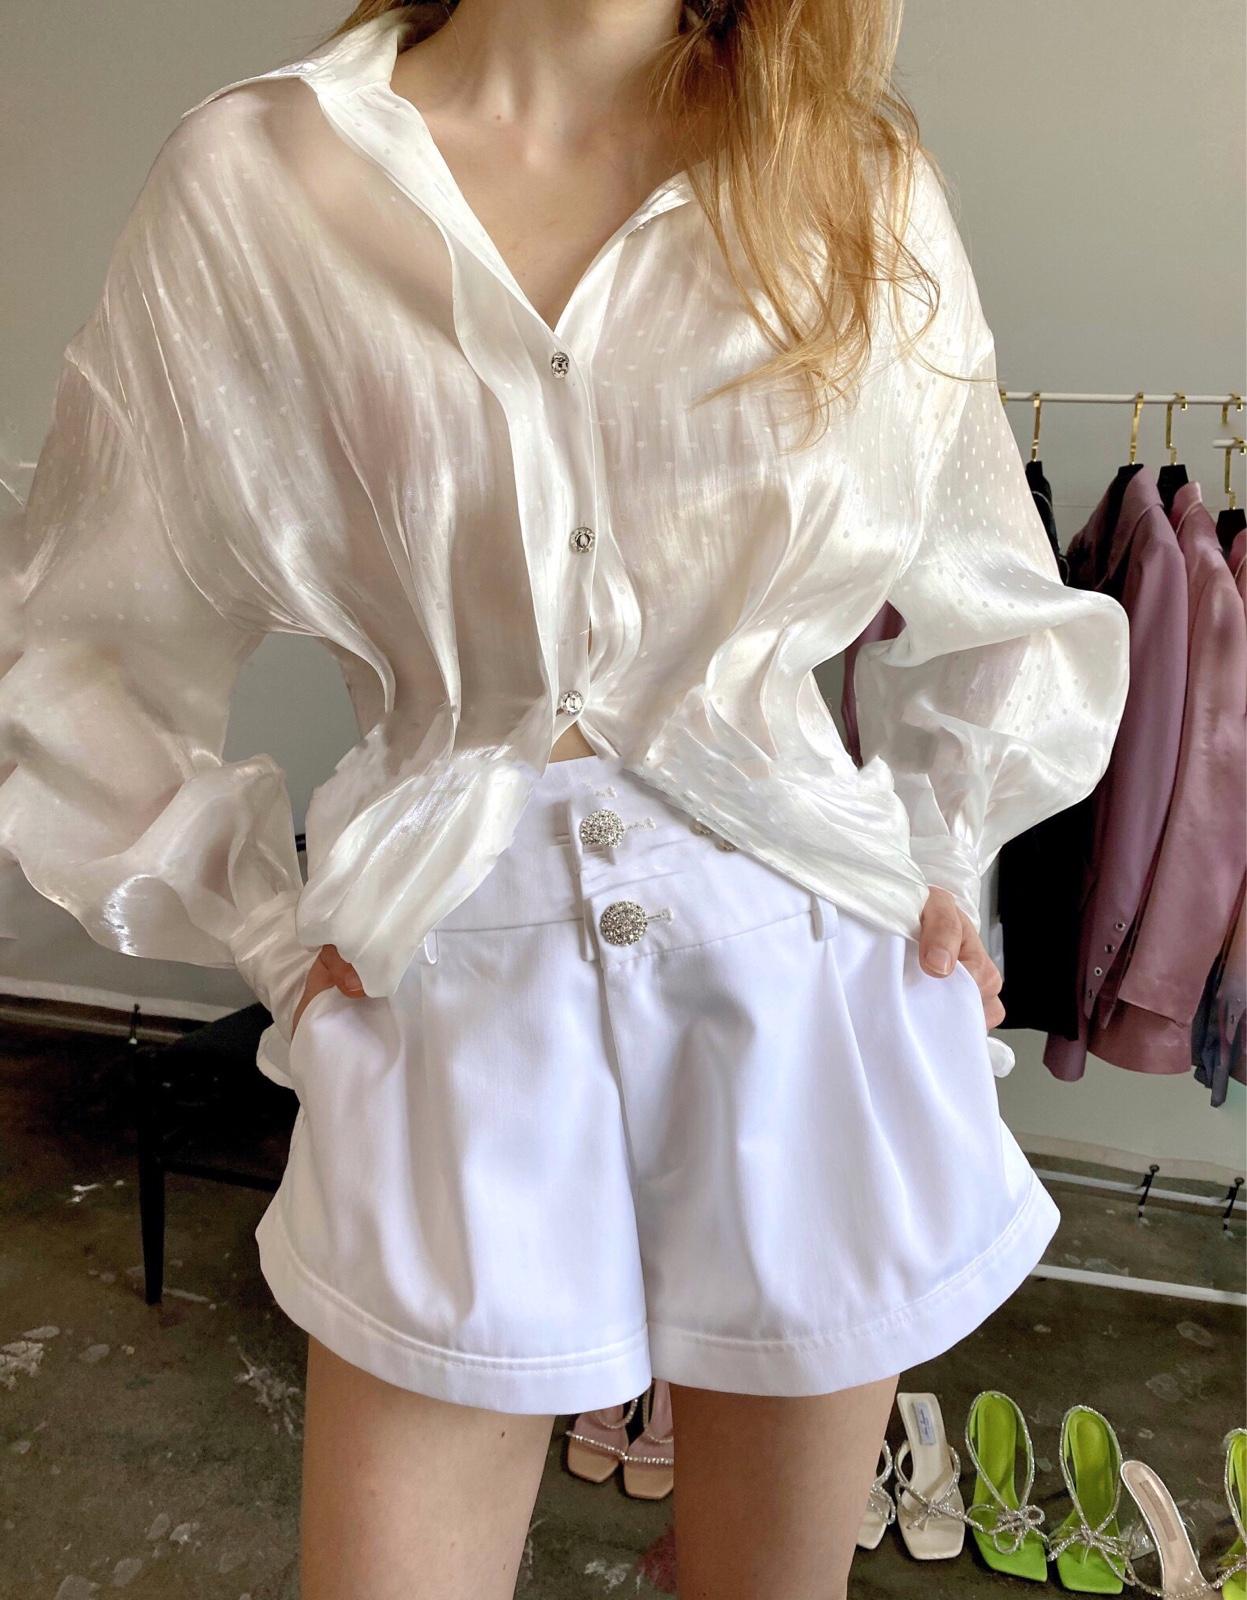 正品Nana Jacqueline 20新款江疏影同款法式性感浪漫真丝波点衬衫